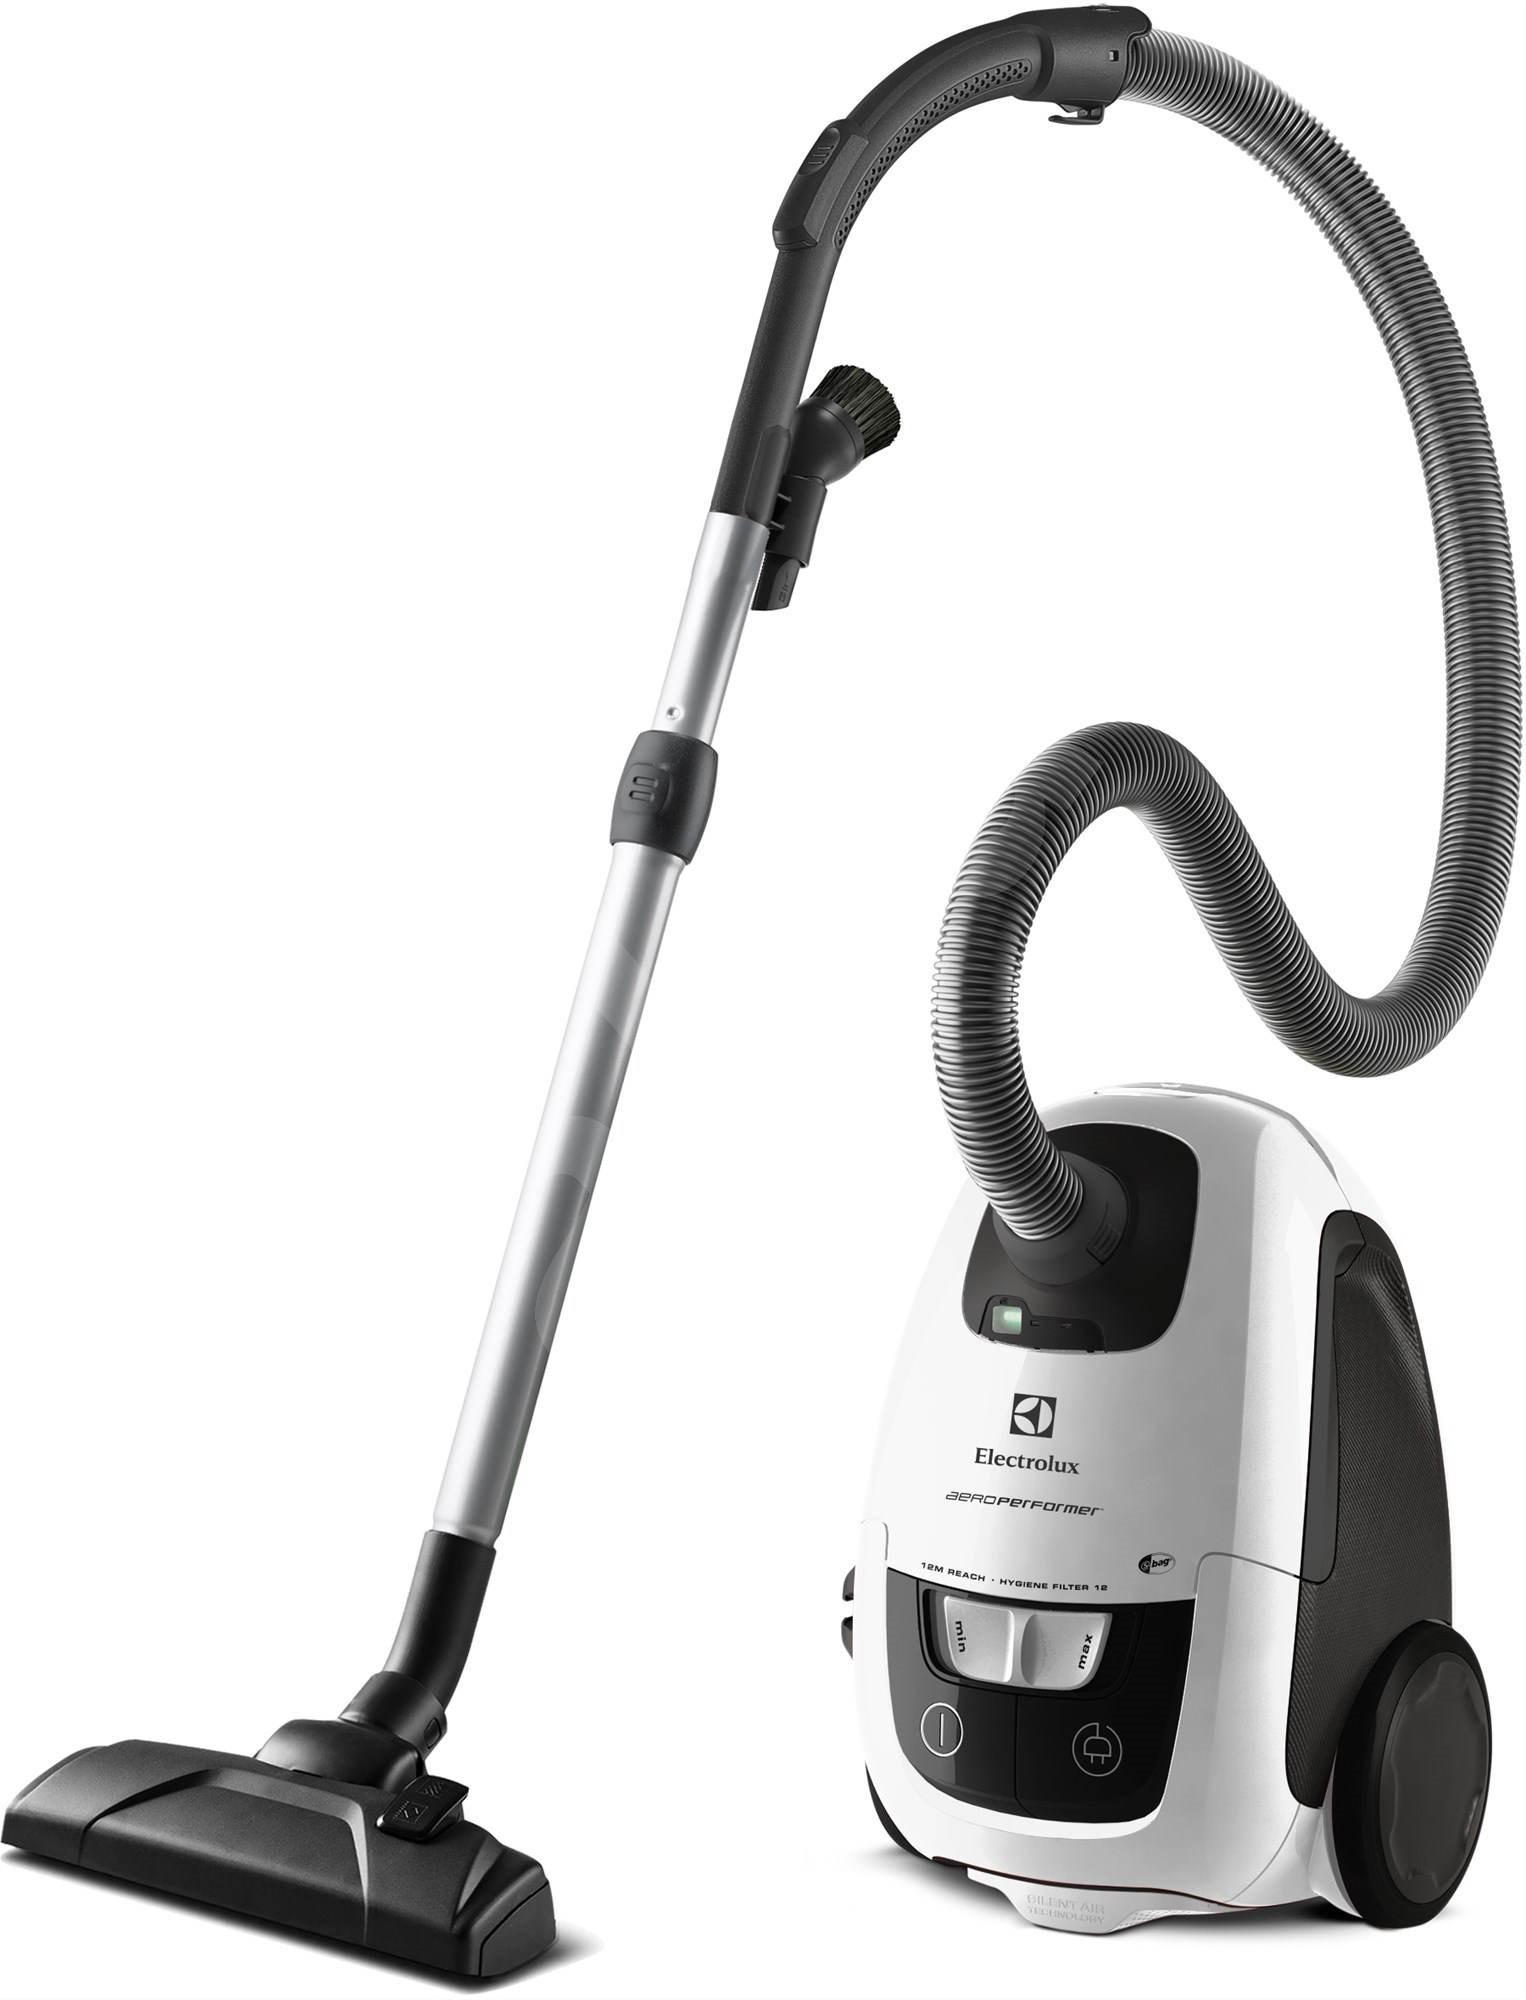 Electrolux ZAPORIGINW - Vacuum Cleaner | Alzashop.com